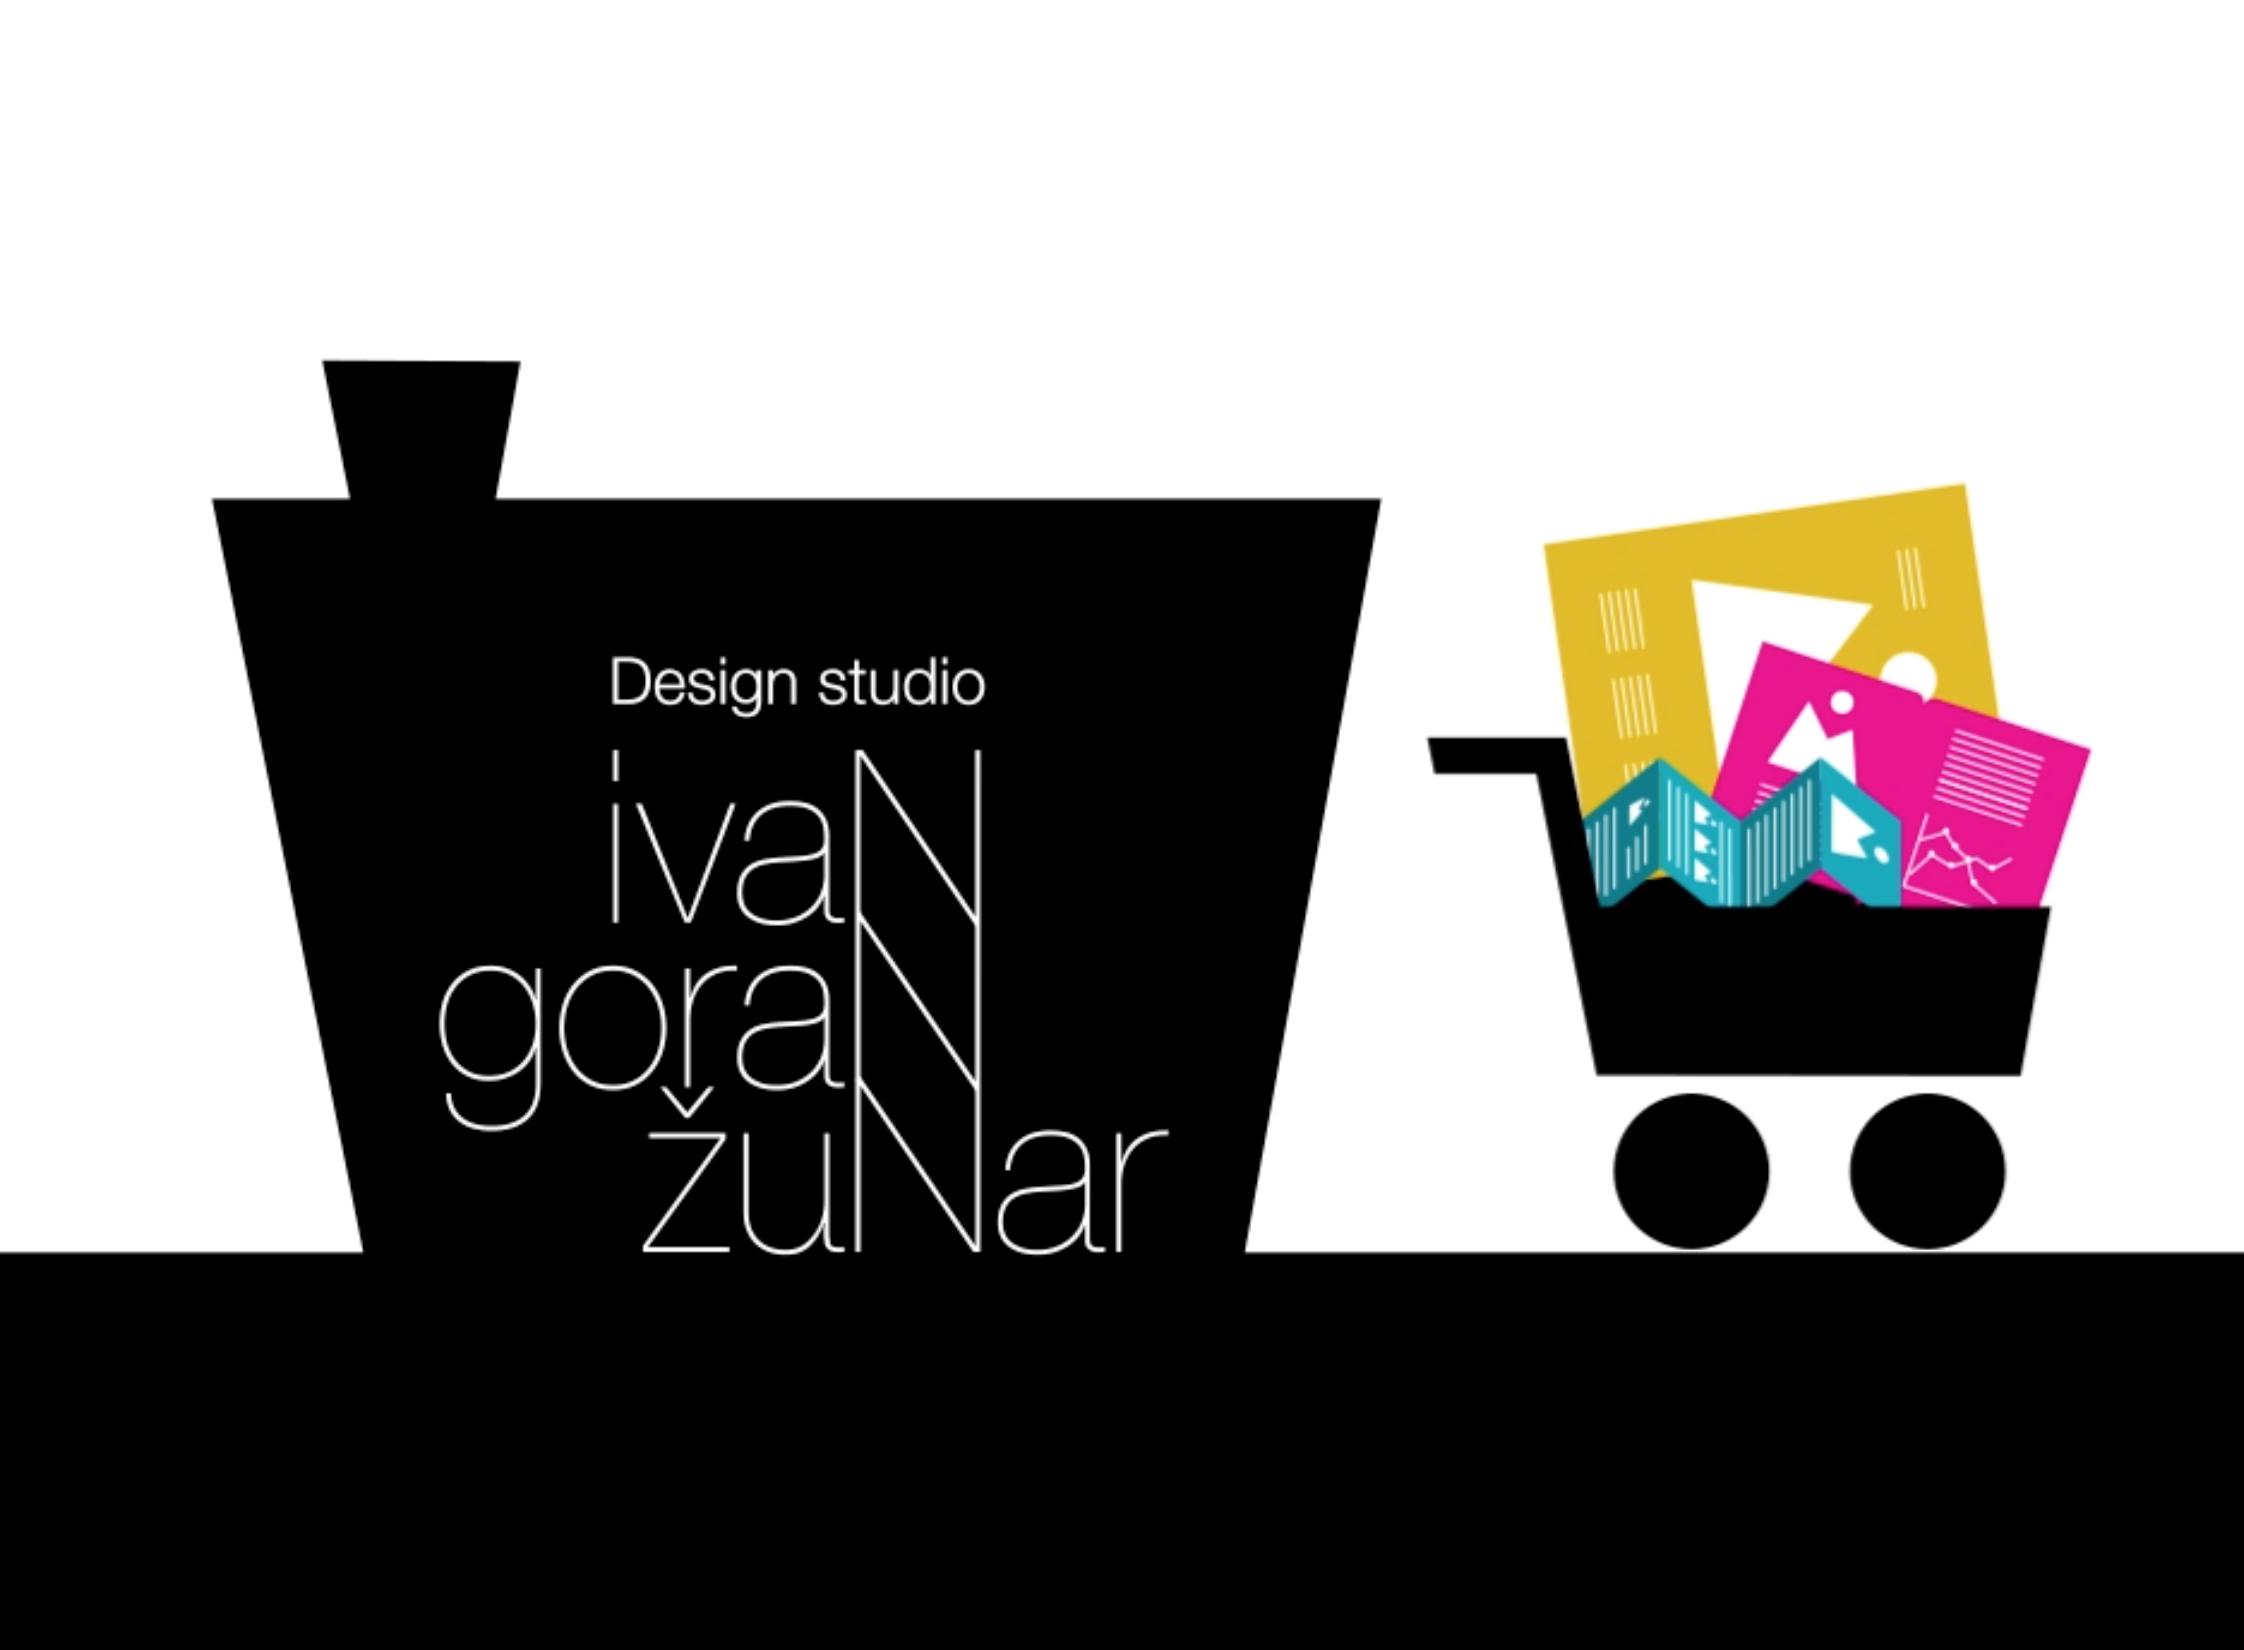 Design Studio Ivan Goran Zunar